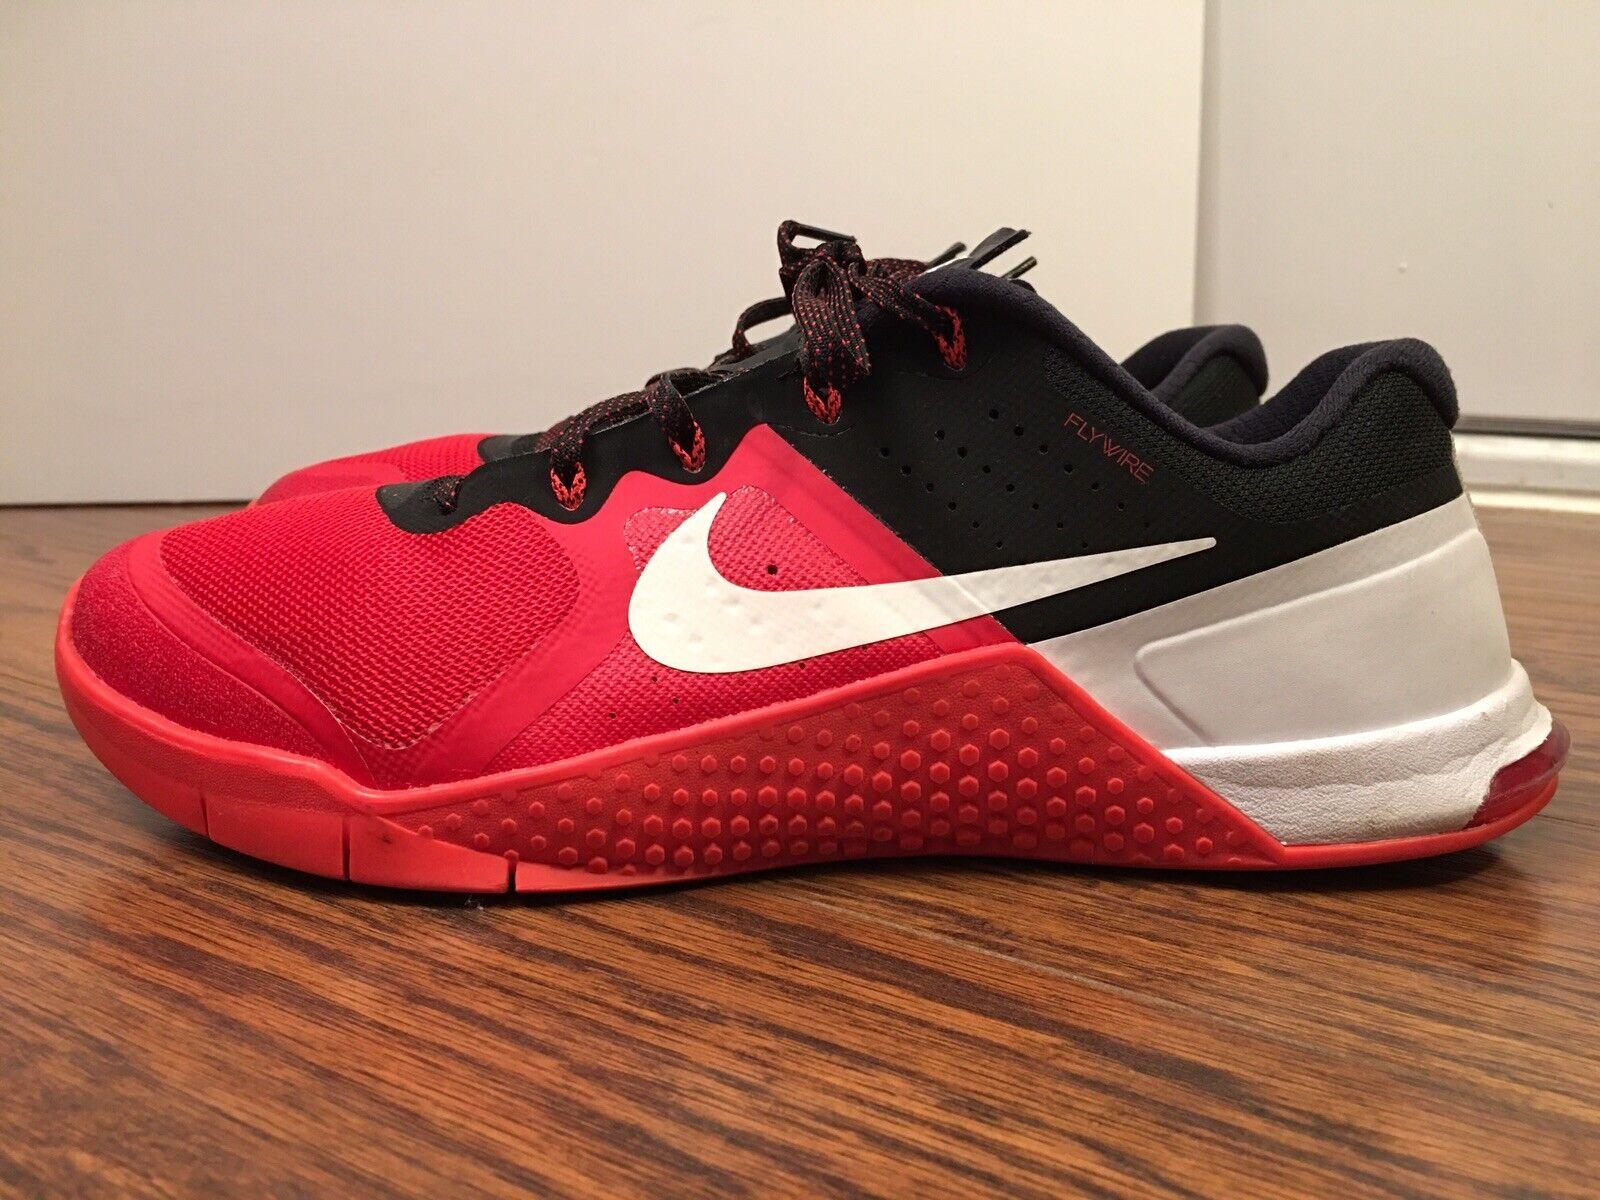 Nike Metcon 2, 819899-610, para hombres de capacitación cruzada zapatos de levantamiento de pesas, TAMAÑO 12